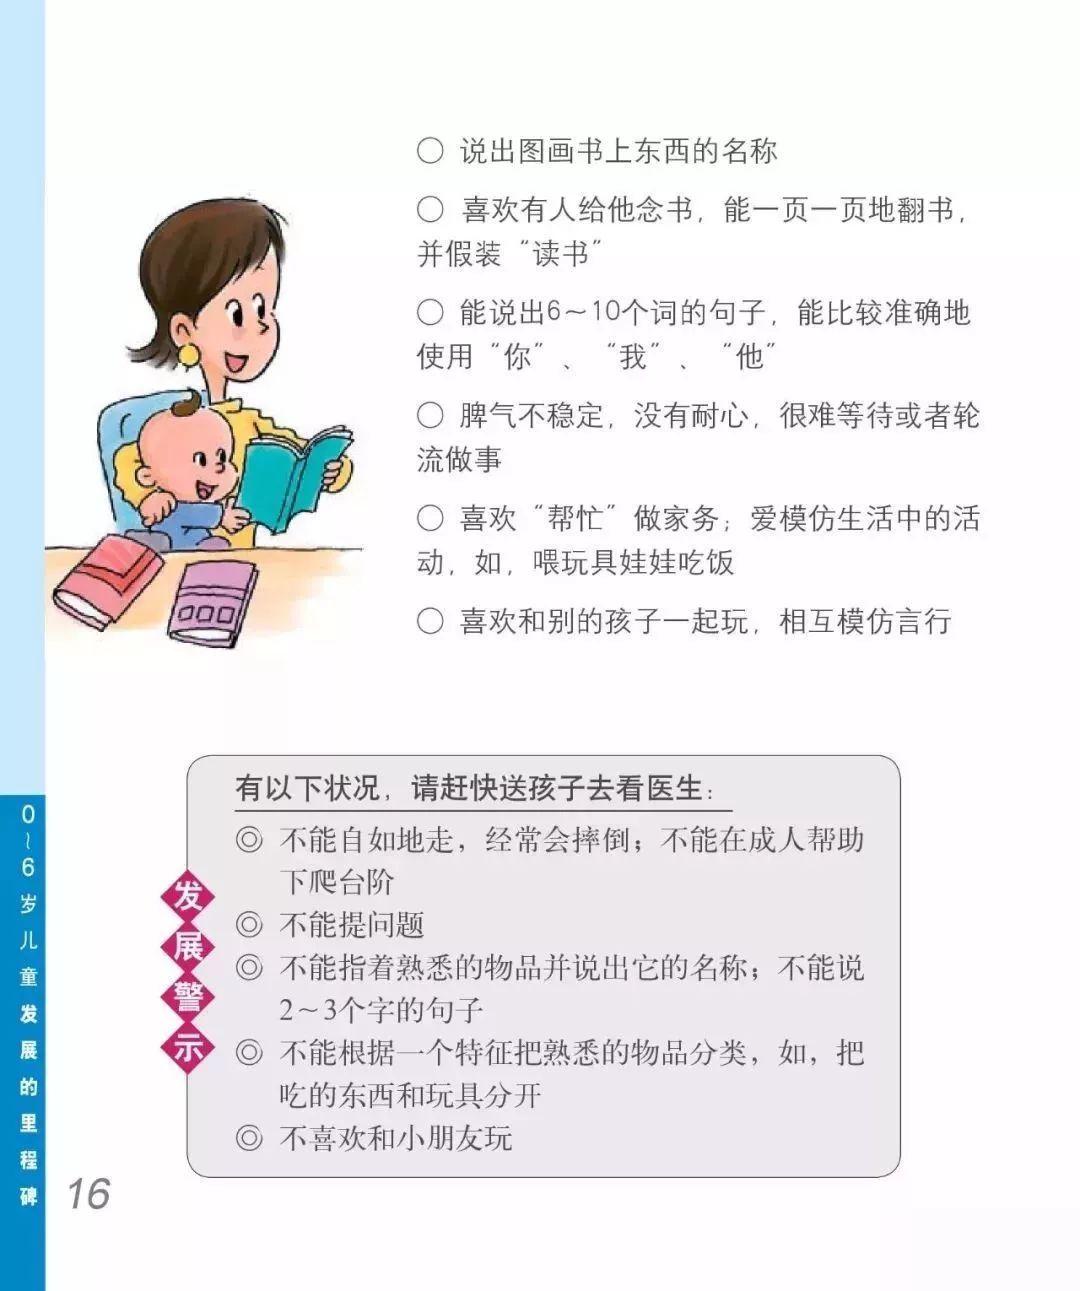 2-3岁宝宝成长须知